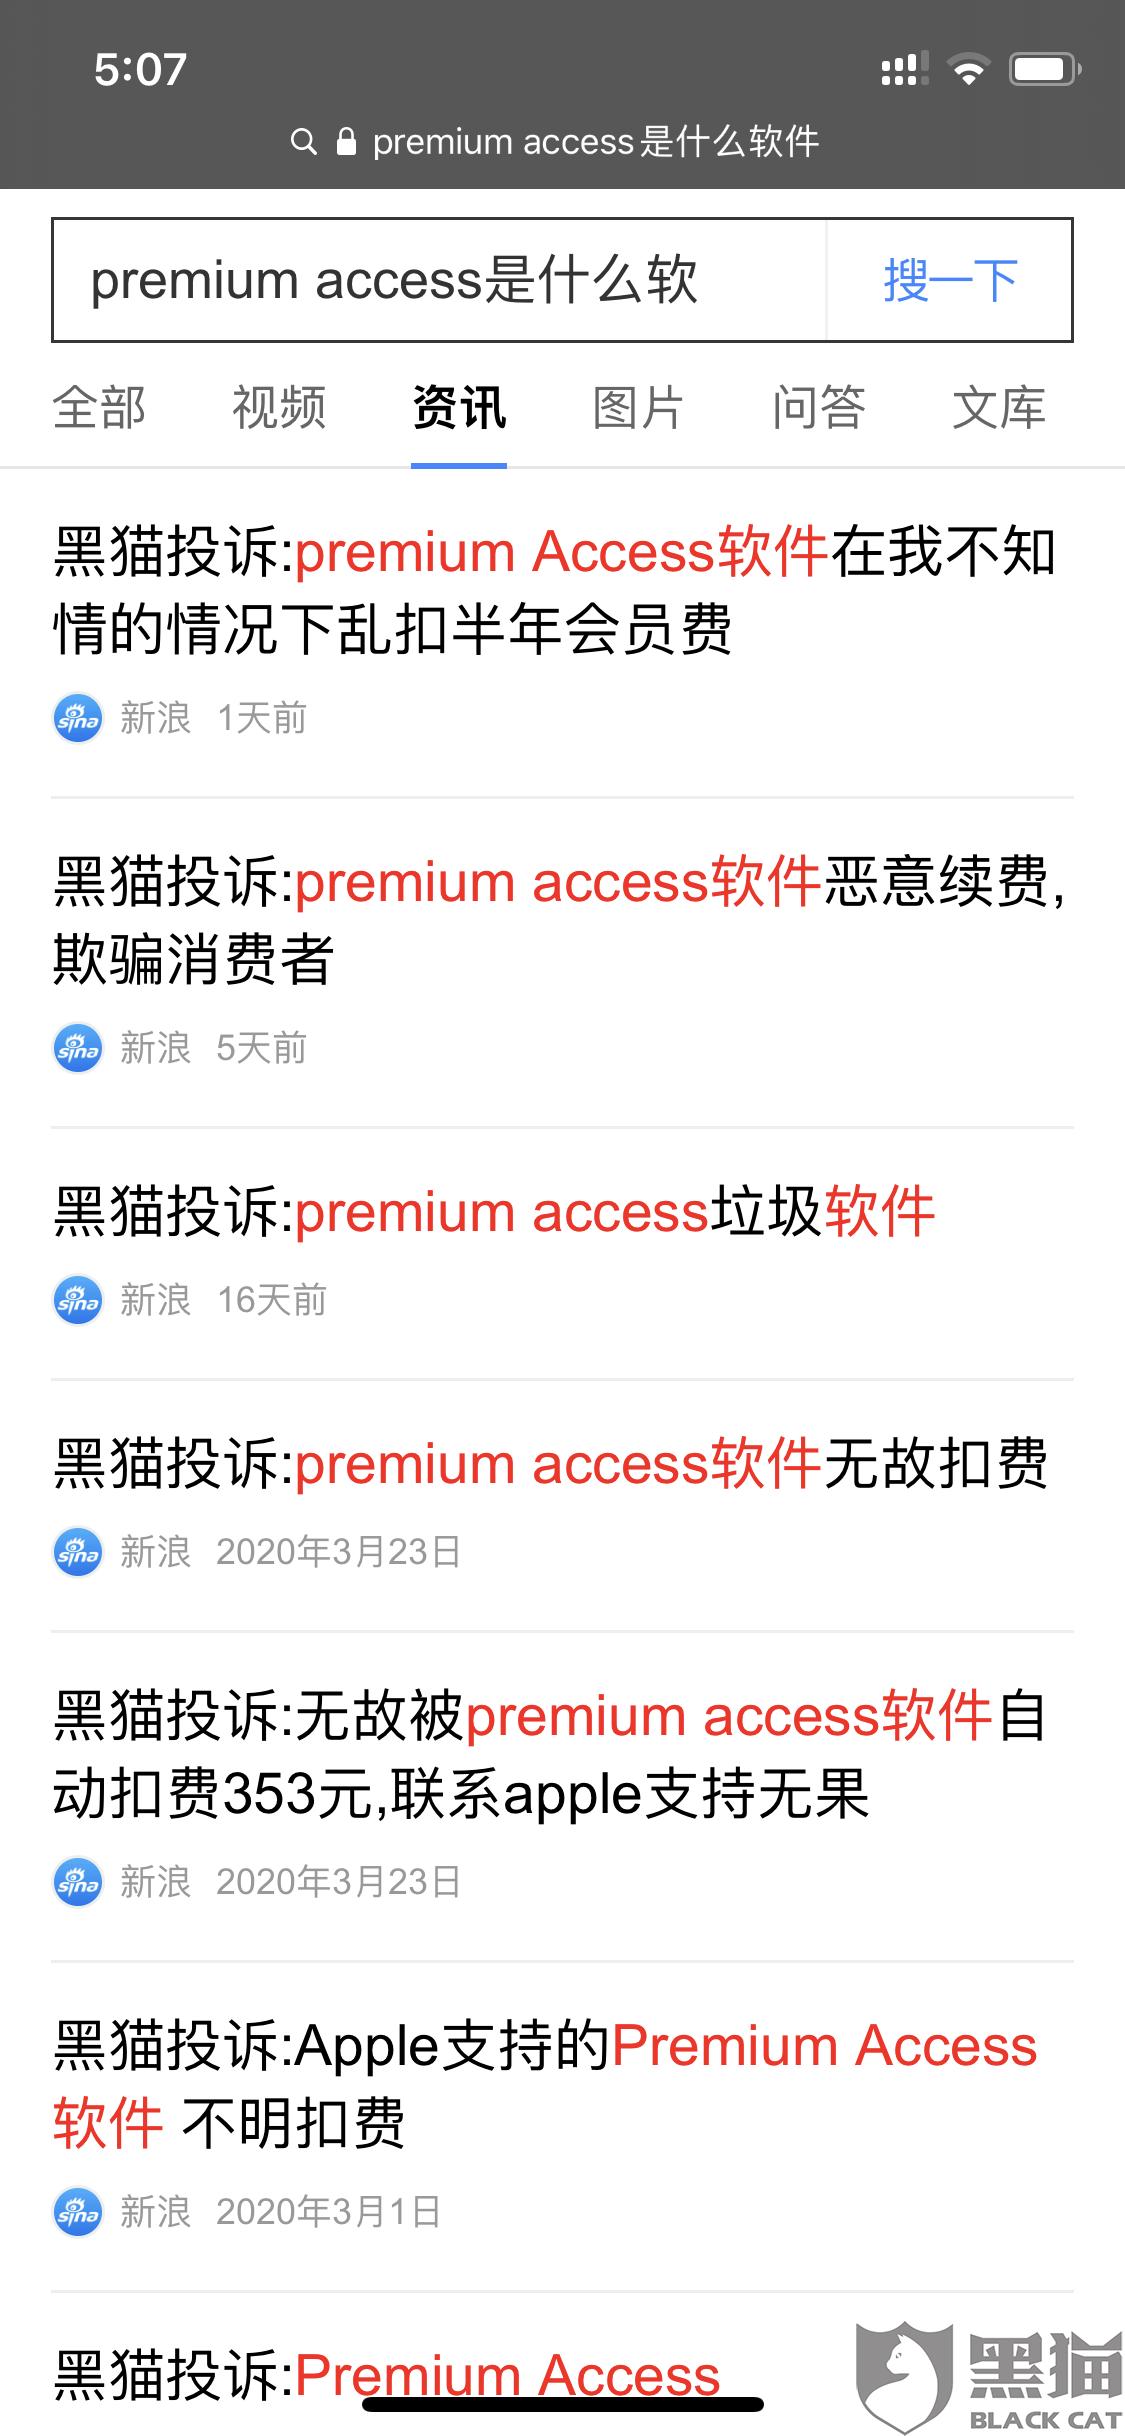 黑猫投诉:premium access软件恶意扣费